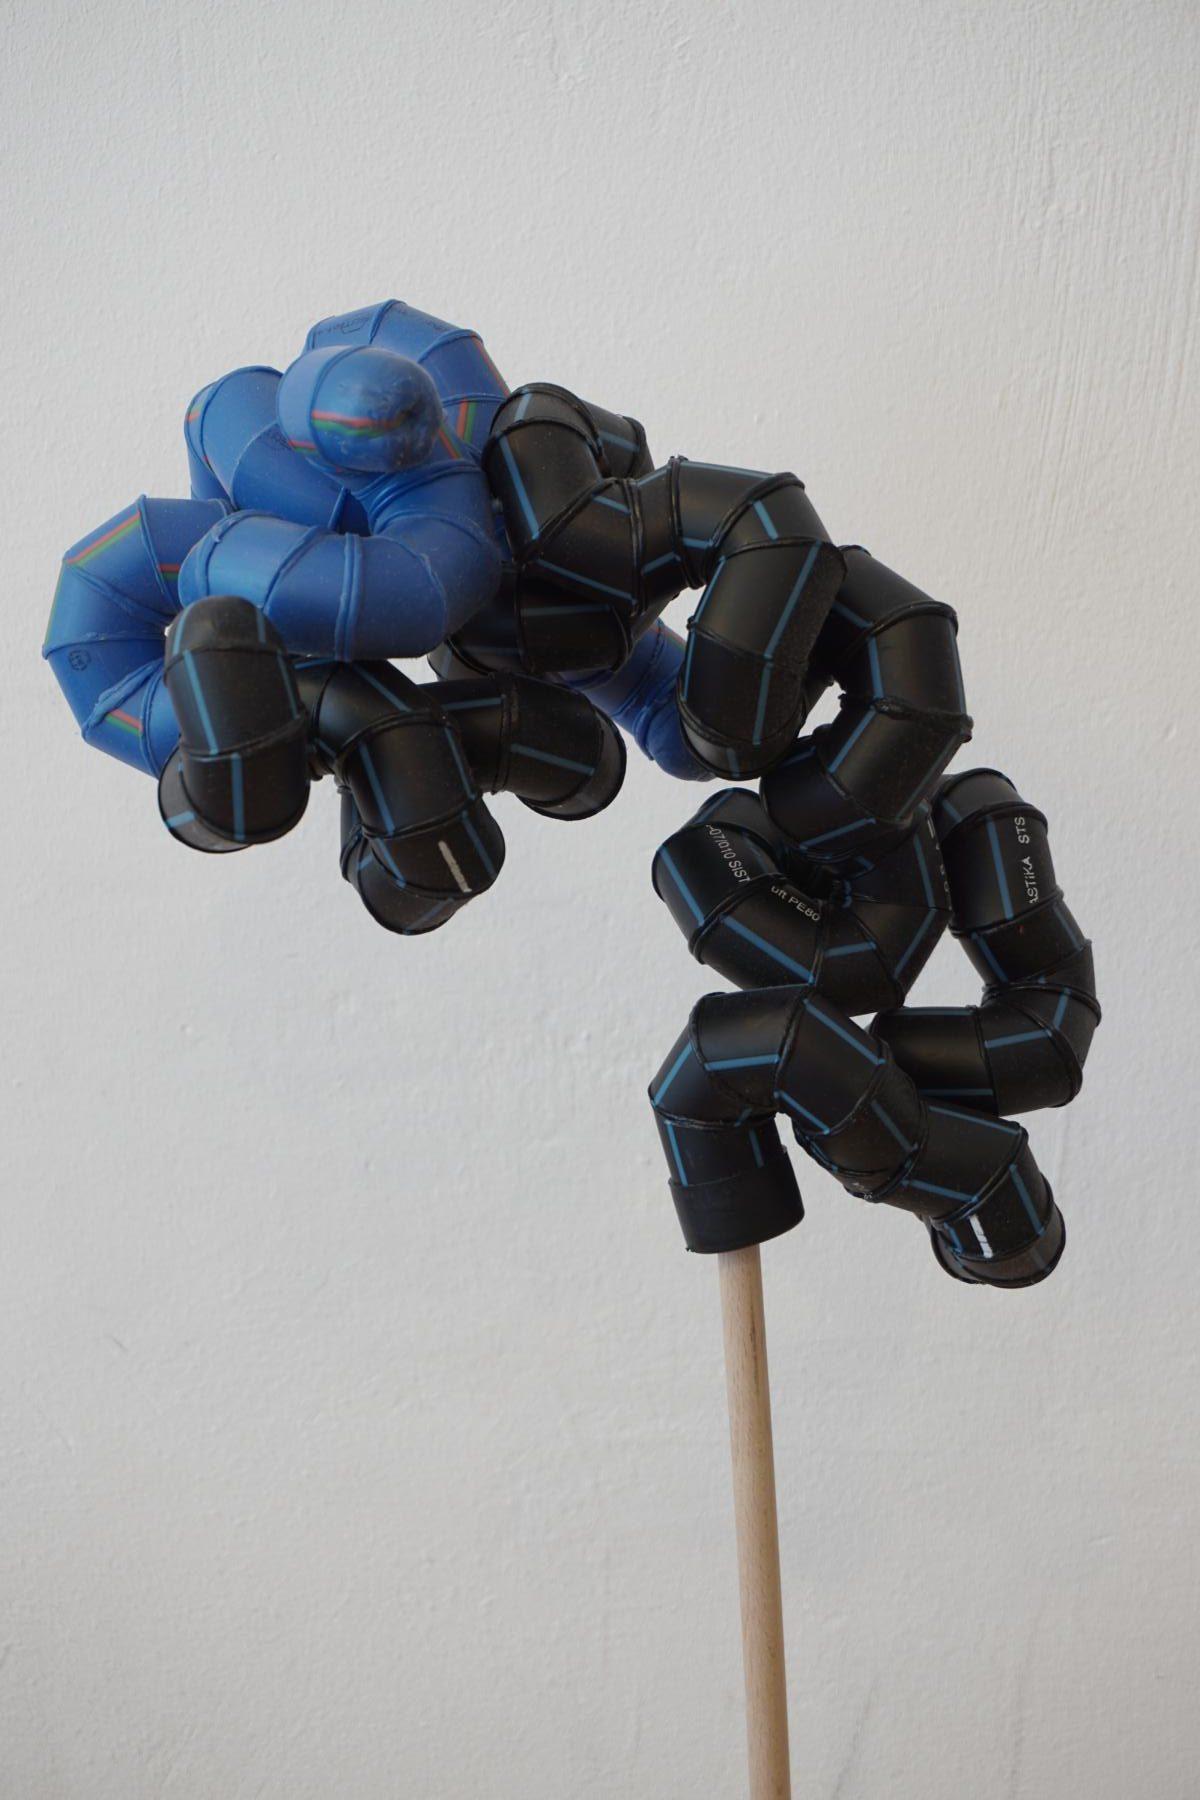 K1600_›buckle‹, 2016 Polyethylen, Holz, Holz gefasst, ca 100cm